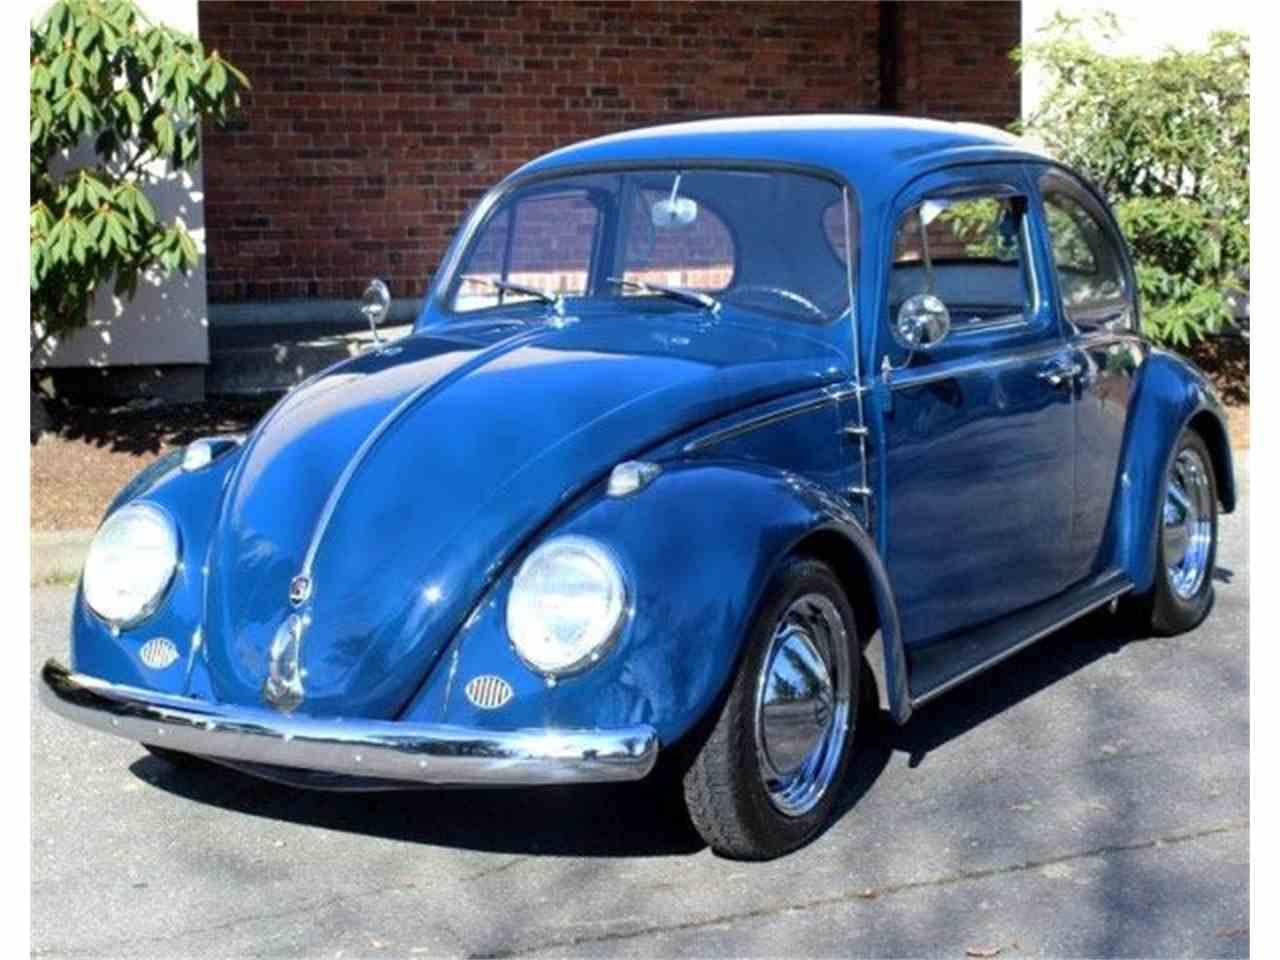 tx beetle convertible new volkswagen arlington in contact veh